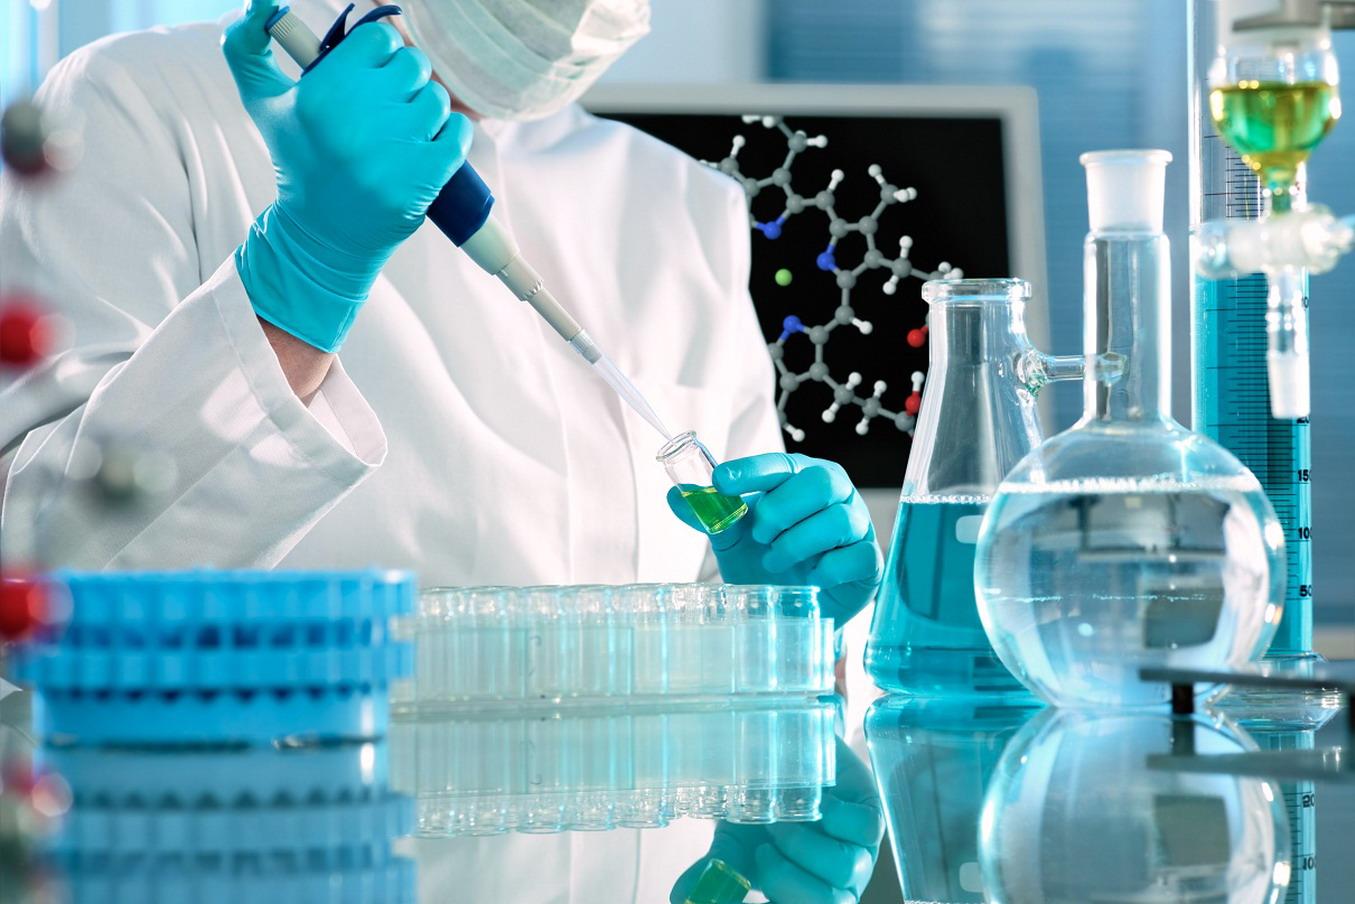 Sindrome infiammatoria multisistemica, l'allarme dell'OMS